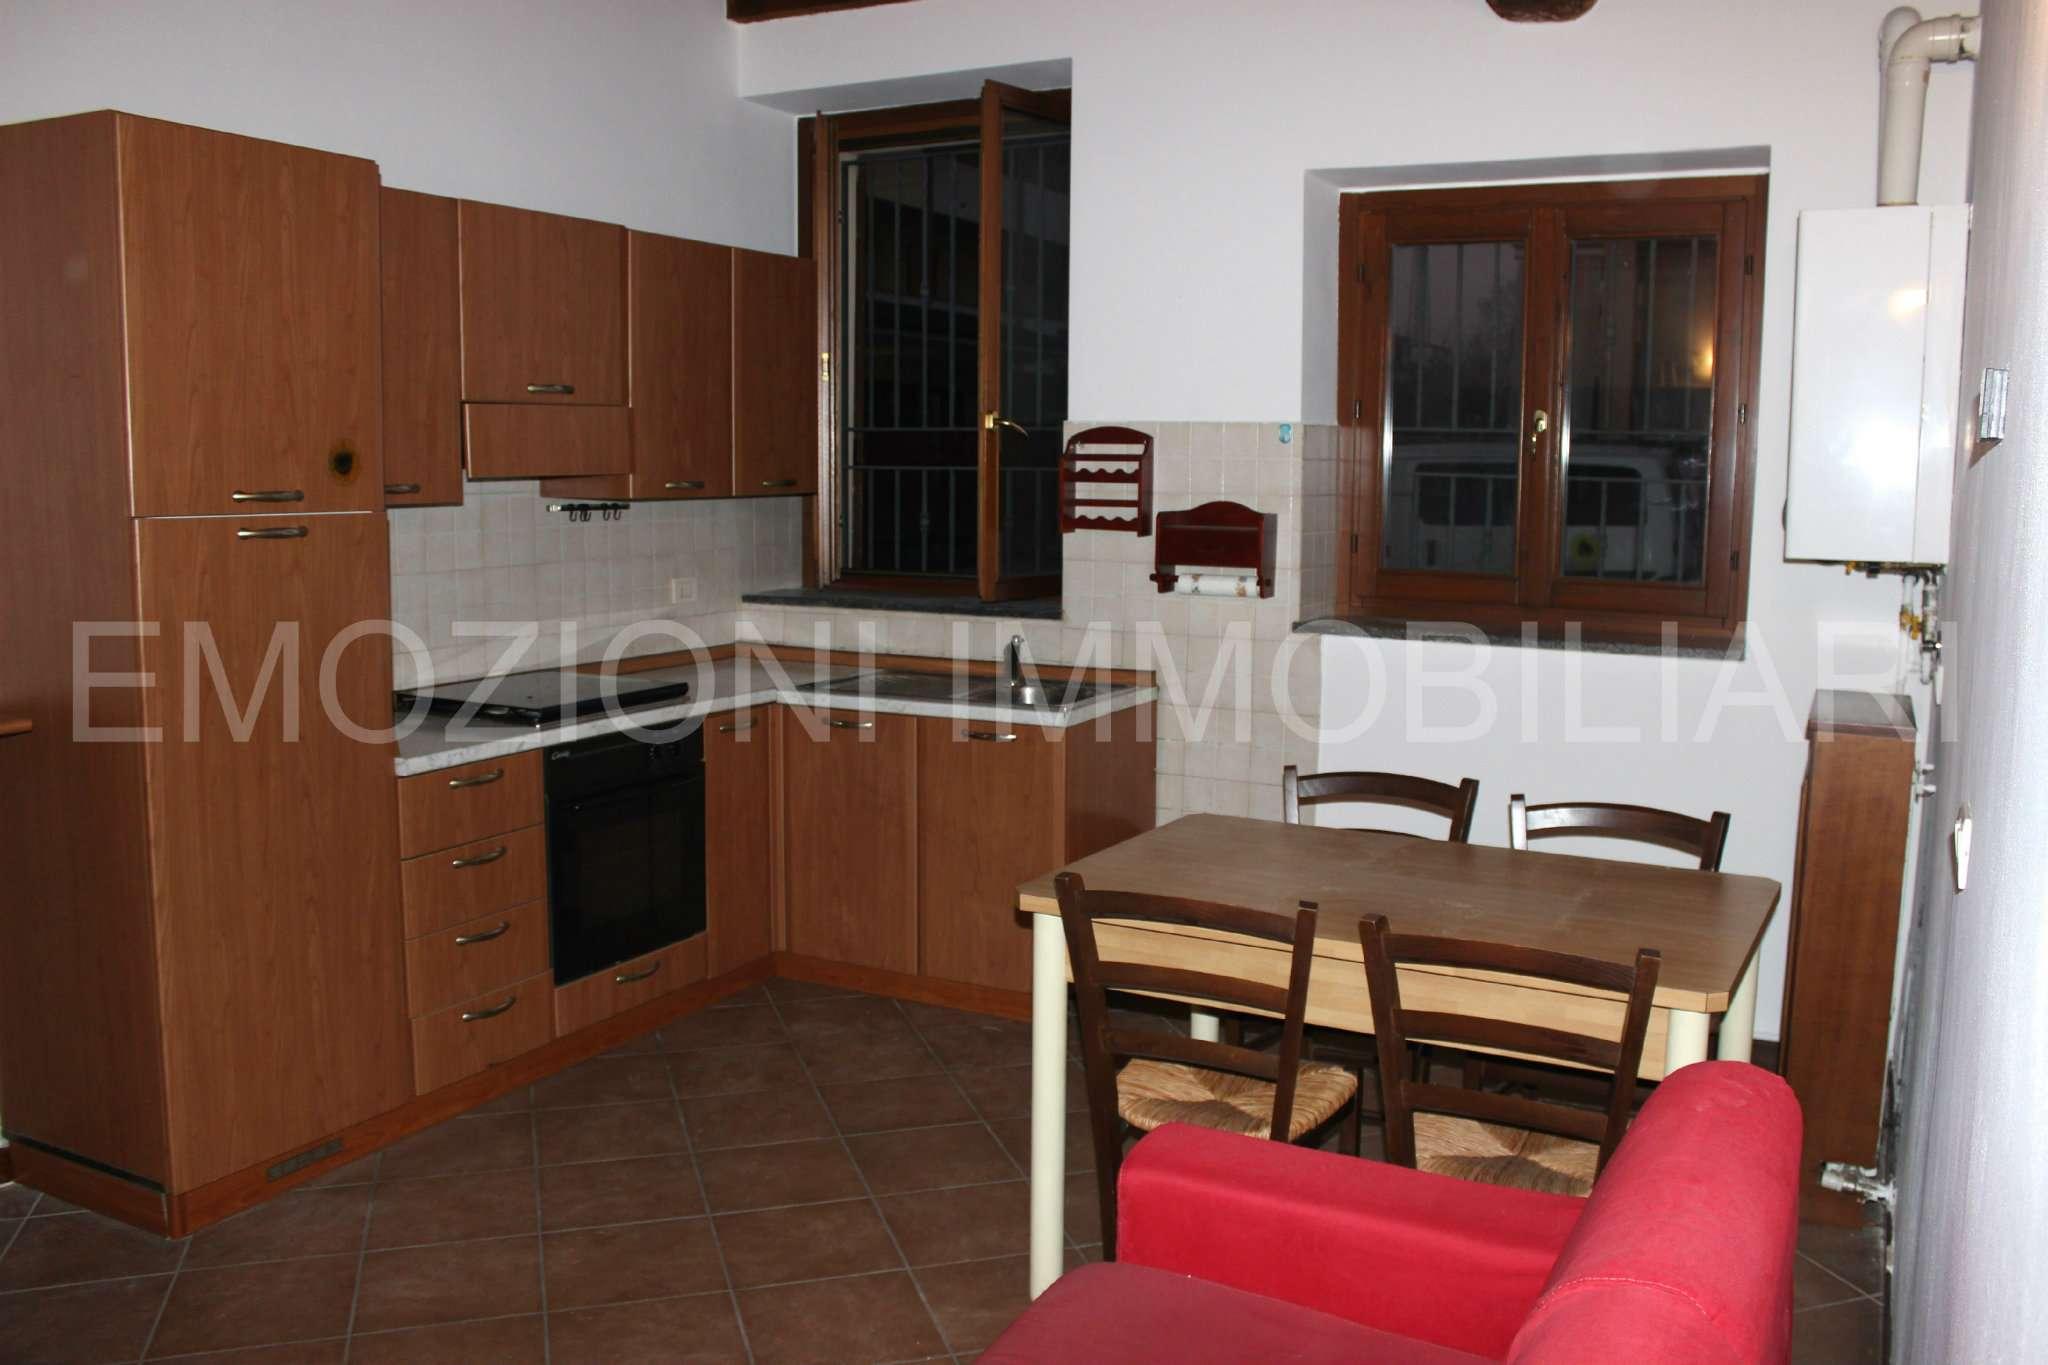 Appartamento in affitto a Brugherio, 2 locali, prezzo € 500   Cambio Casa.it